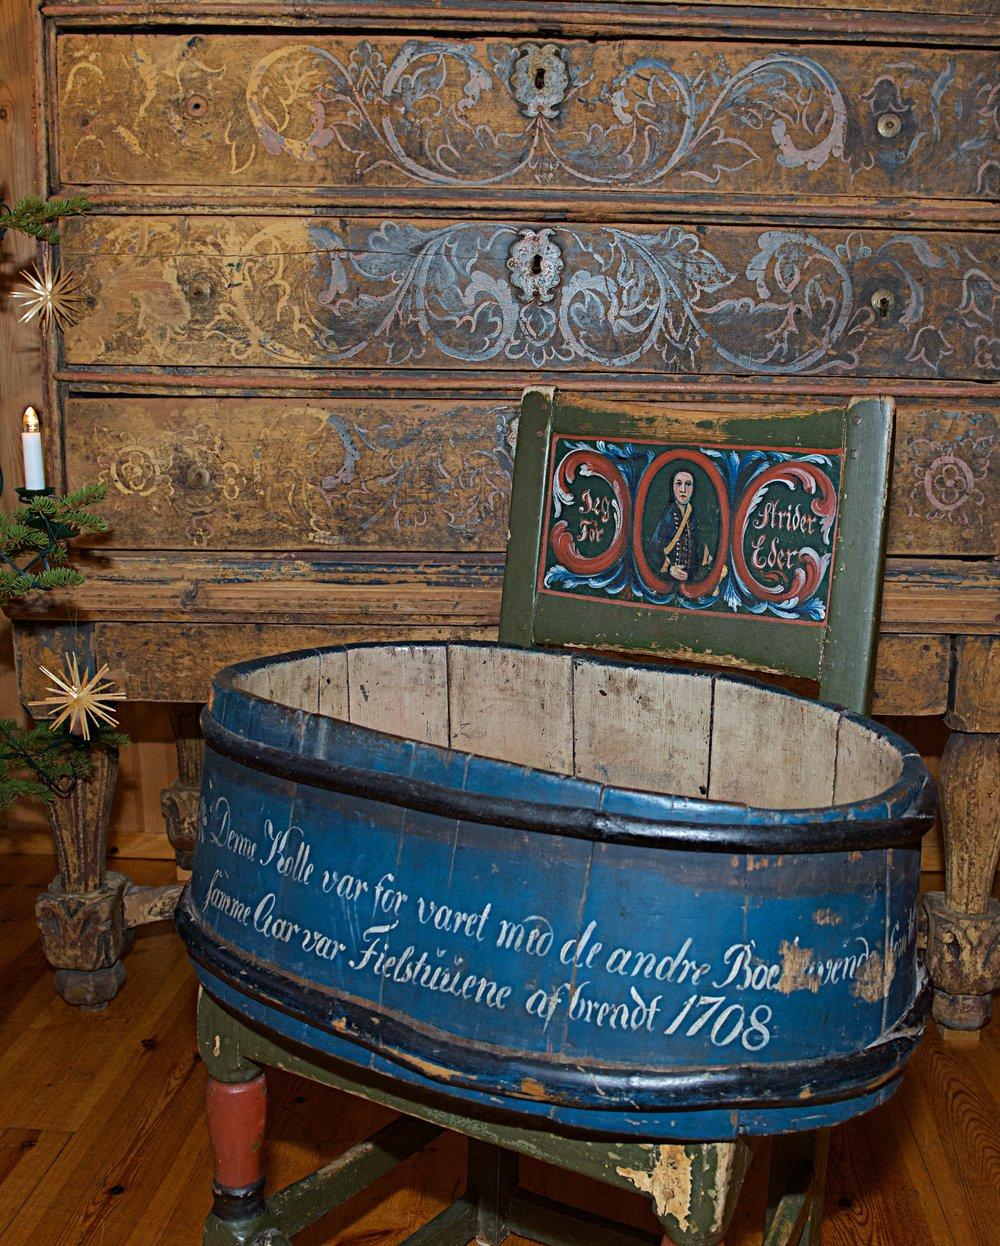 Tradisjonene fra Fokstugu forteller at folket der klarte å gjemme unna noen få gjenstander. En av disse er denne kolla. For å minnes dette fikk kolla i 1843 en tekst som forteller historien. Årstallet er feil, men at den ble reddet unna brannen er nok riktig.